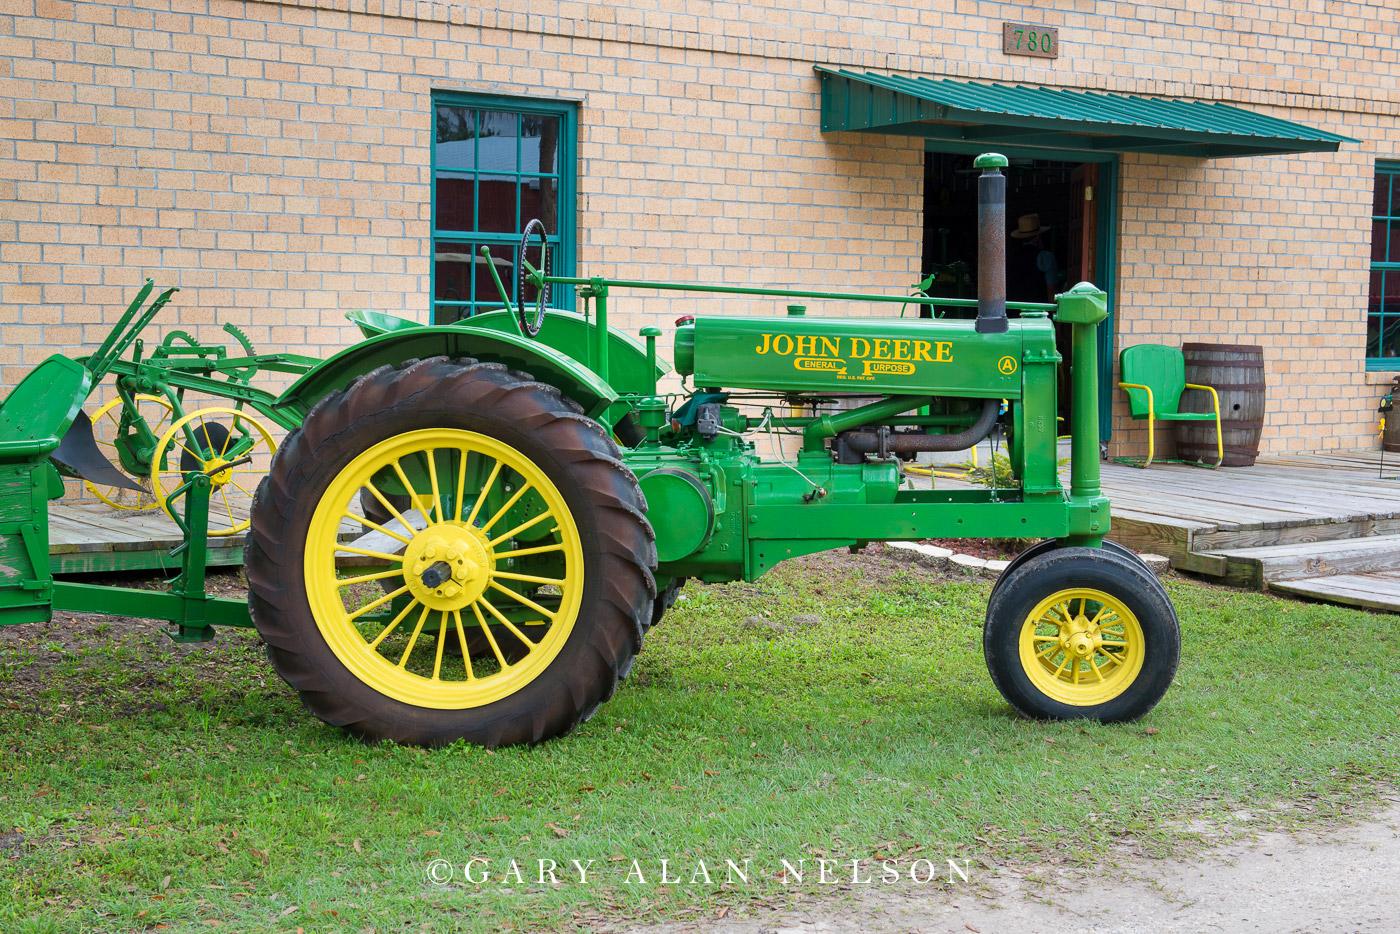 antique tractor, vintage tractor, John Deere, photo